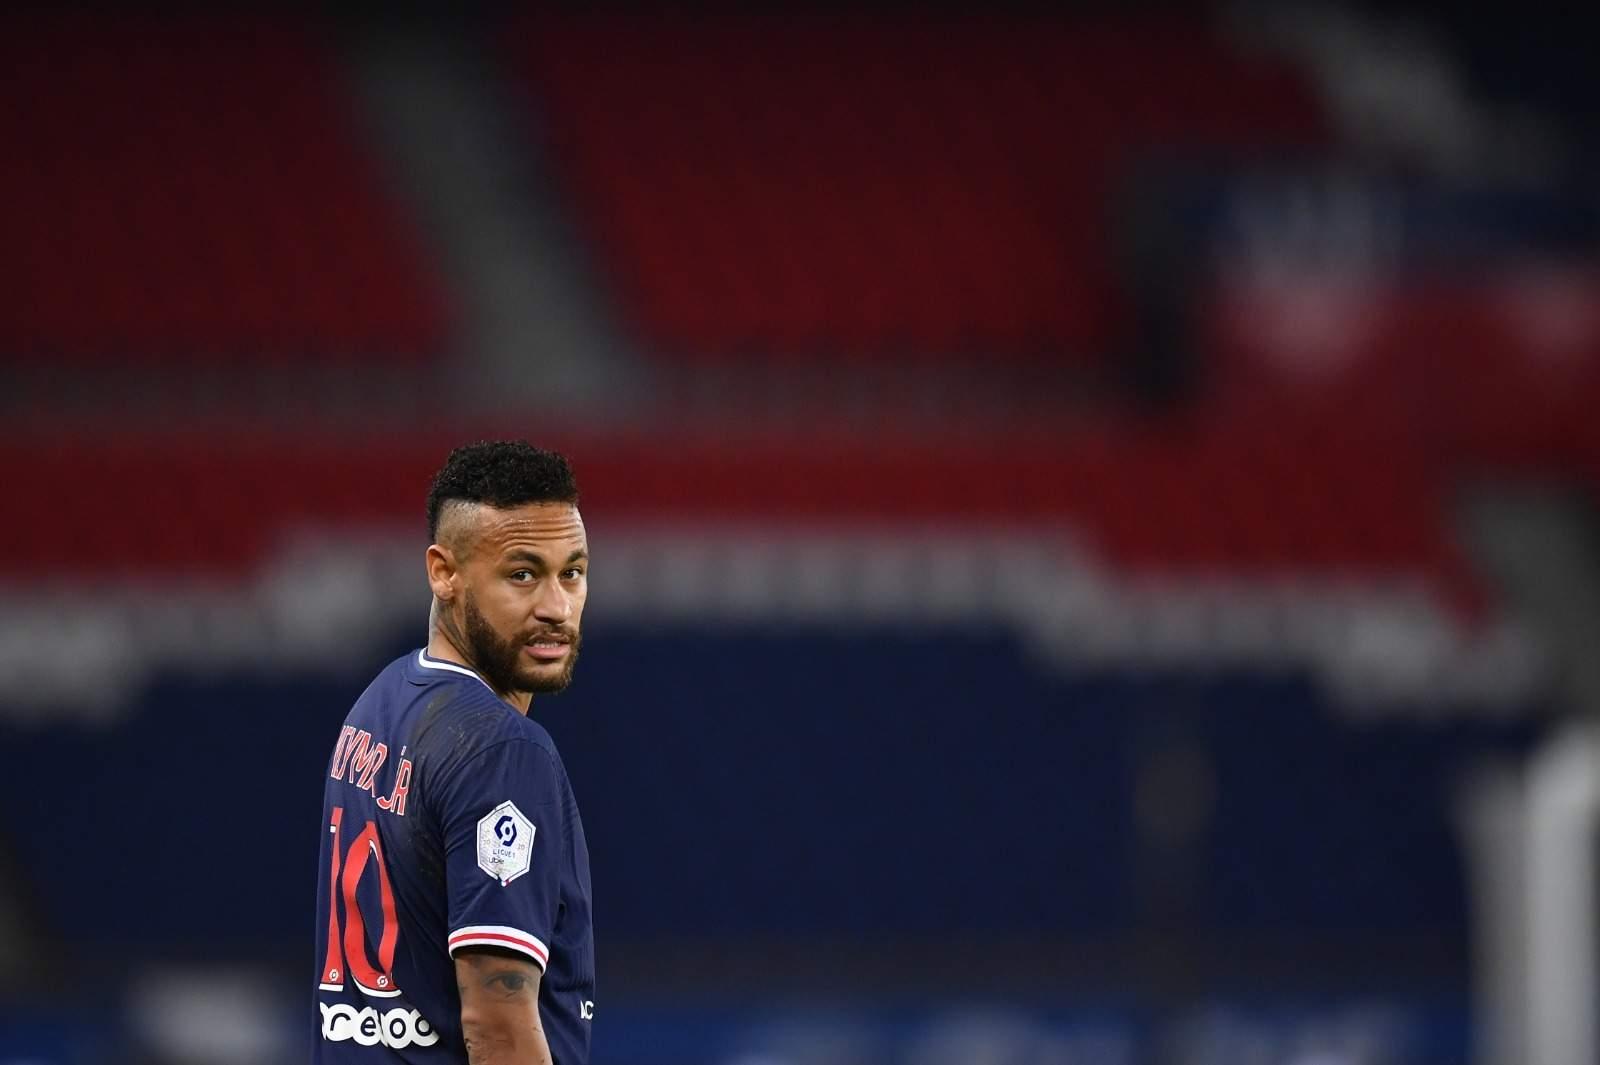 Neymar lidera PSG contra o Bayern em busca de nova superação